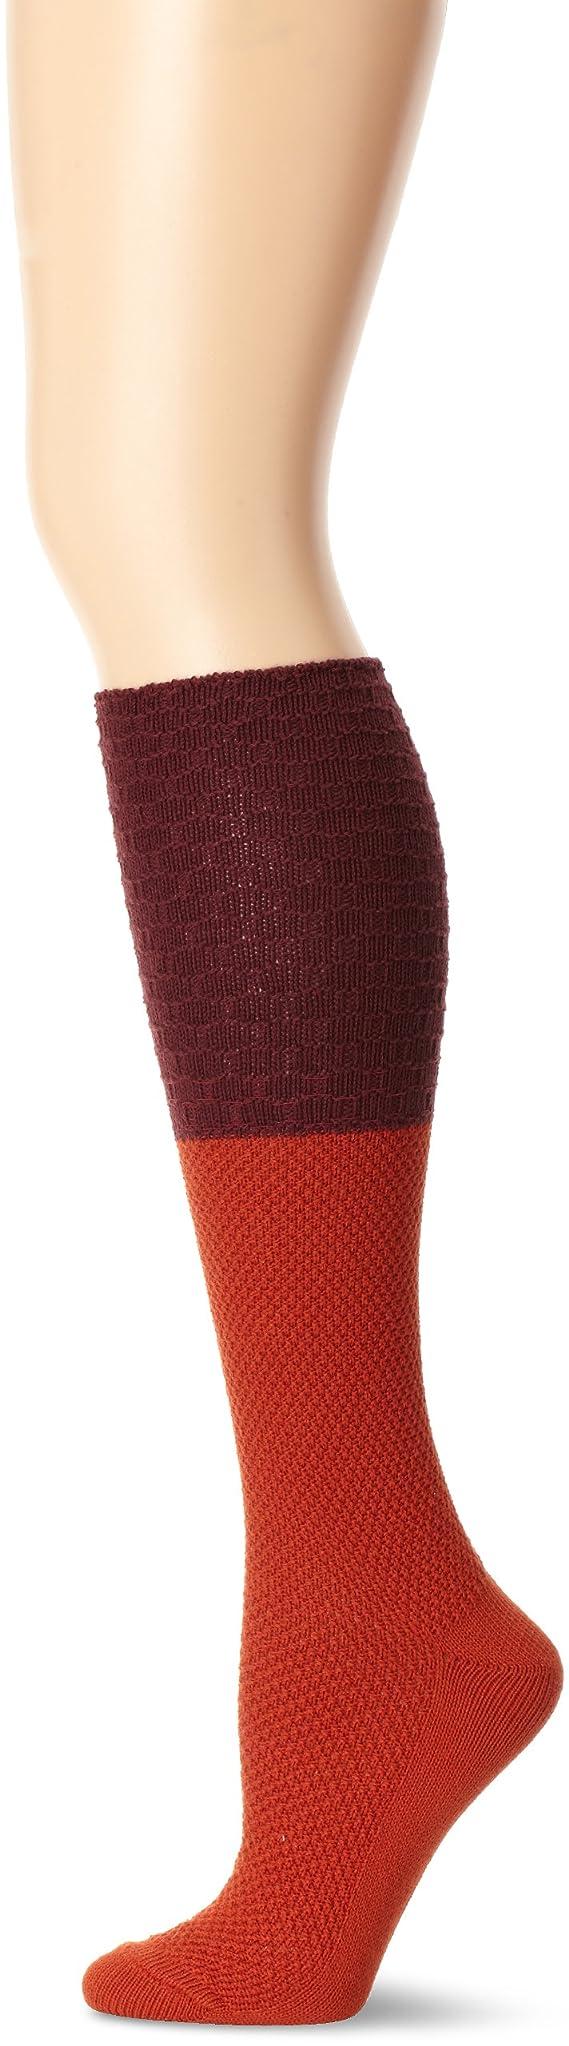 Ozone Women's Basket Weave Socks